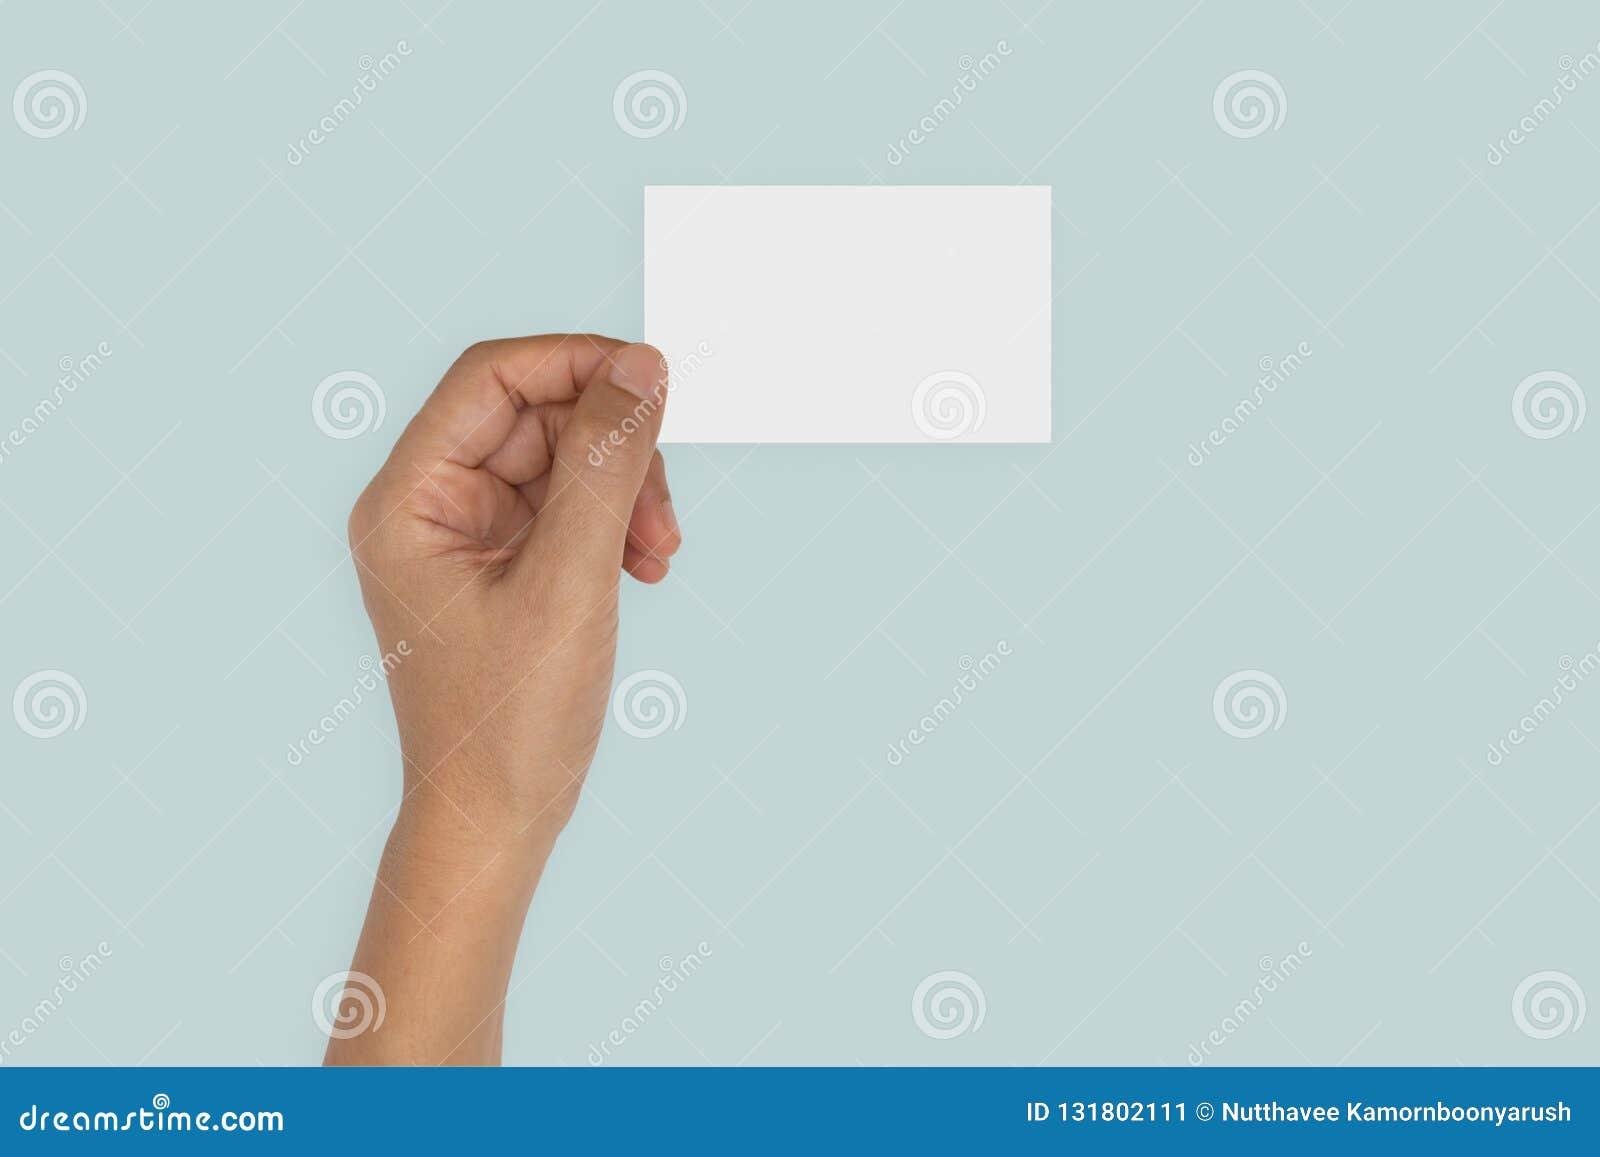 Mano que sostiene la tarjeta en blanco aislada en azul